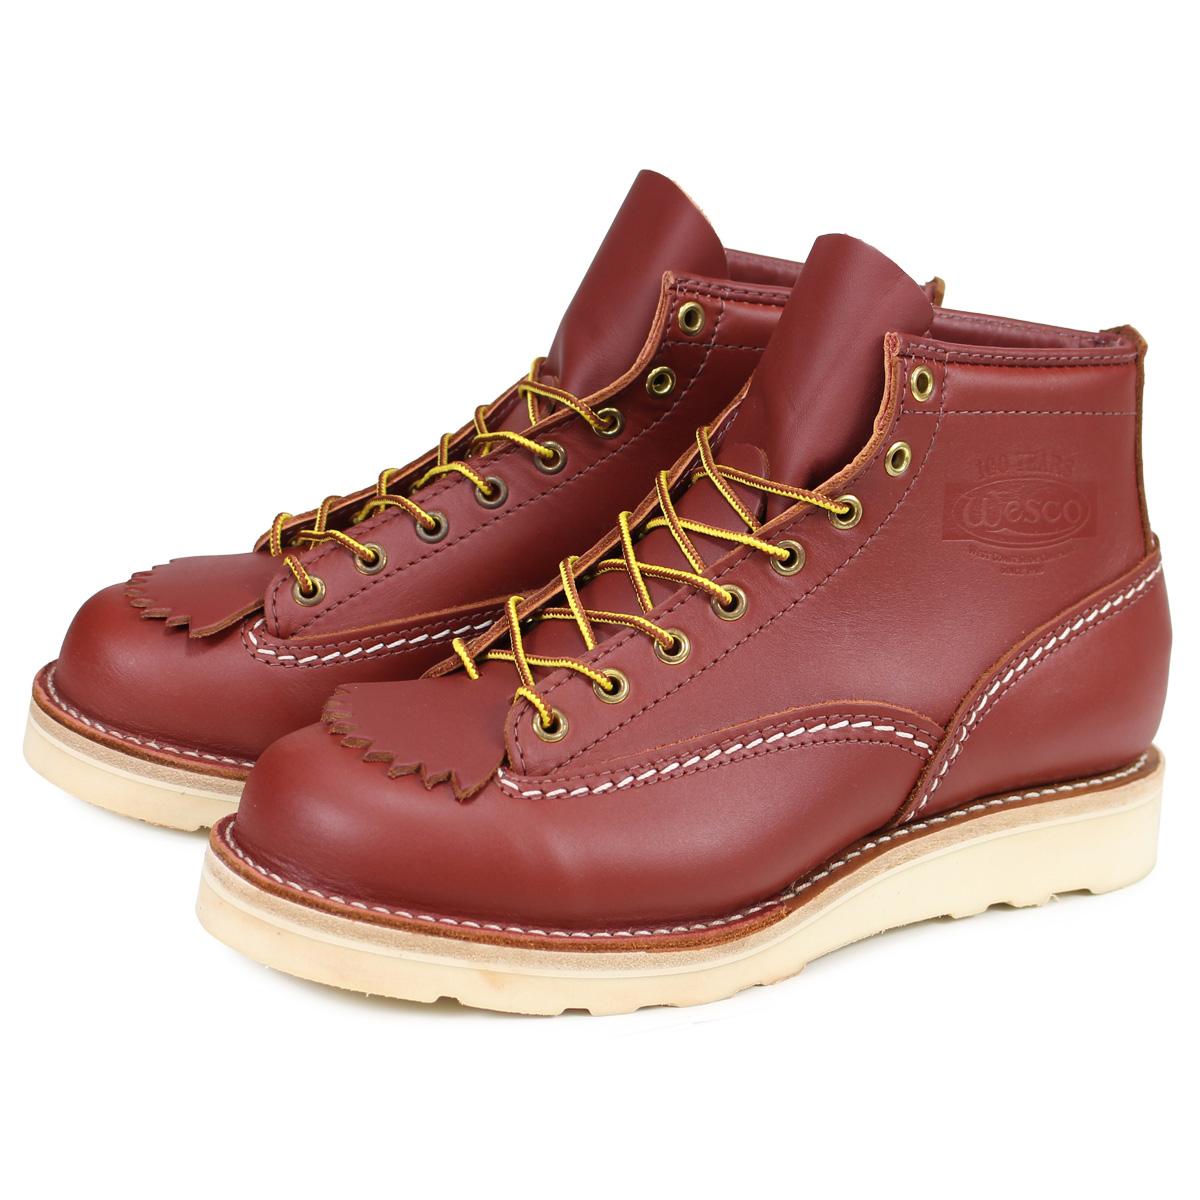 WESCO 6INCH CUSTOM JOB MASTER ウエスコ ジョブマスター ブーツ 6インチ カスタム メンズ レザー Eワイズ ブラウン 1061010